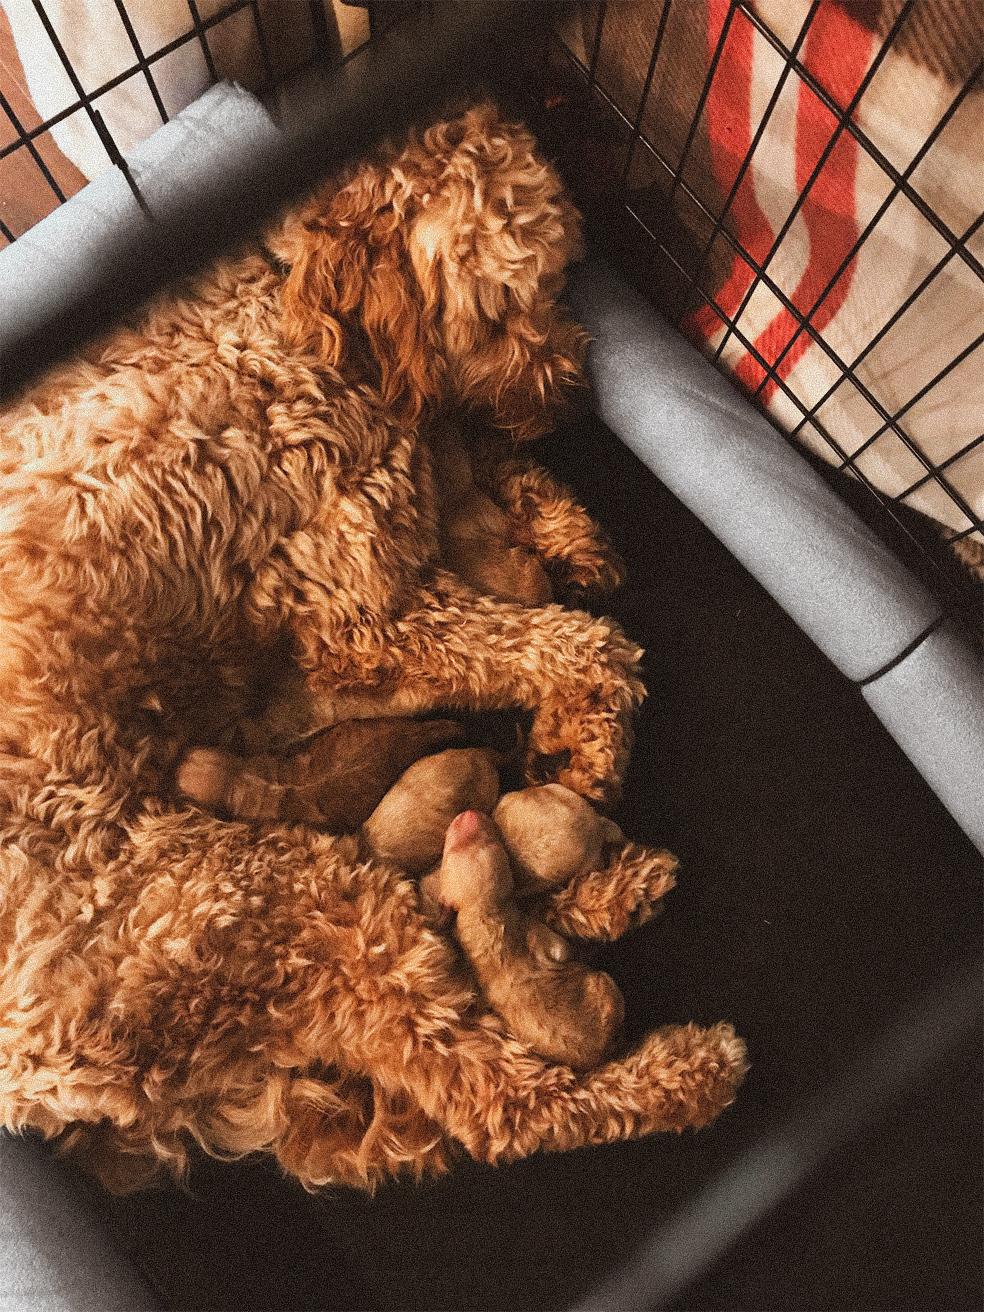 Nashville Goldendoodle labradoodle puppy Atlanta Birmingham Brentwood franklin Tennessee